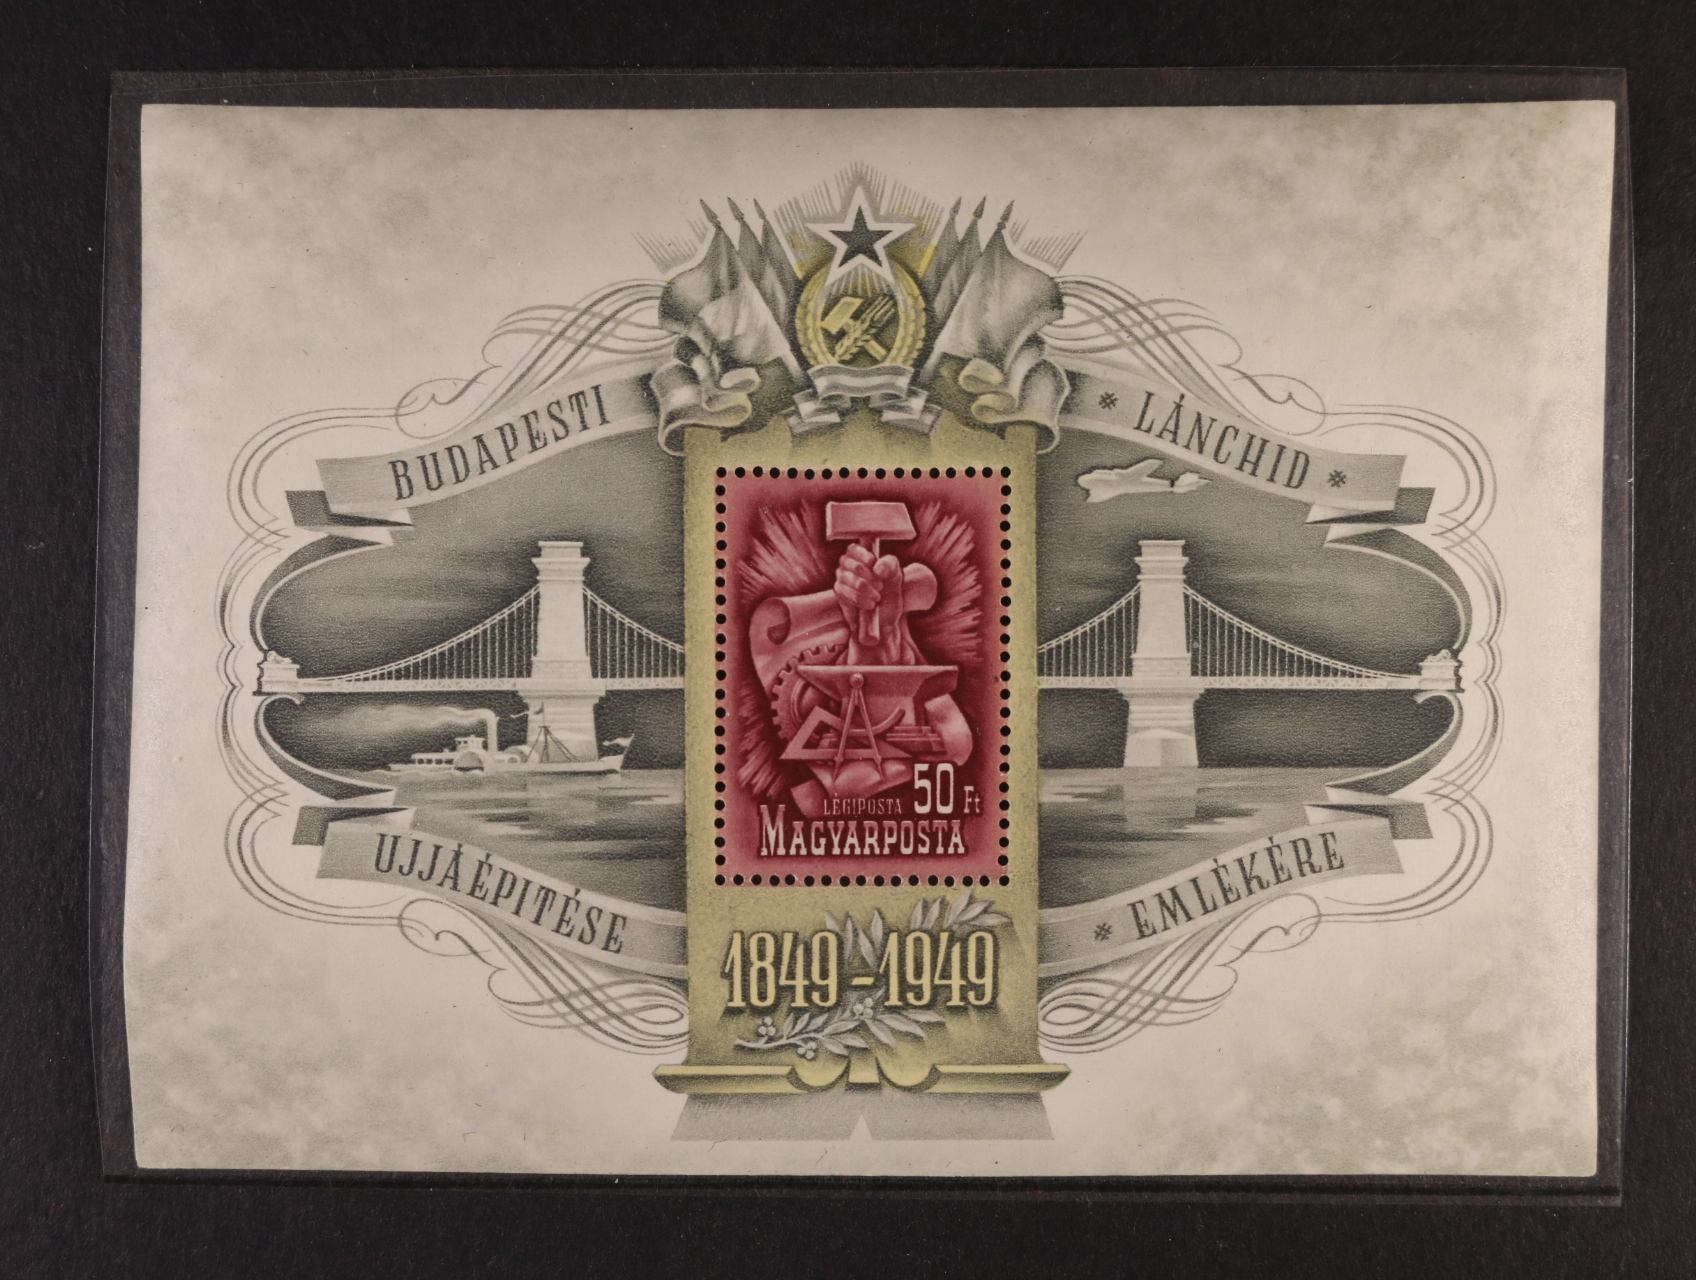 Mi. Bl. 17, 450 EUR